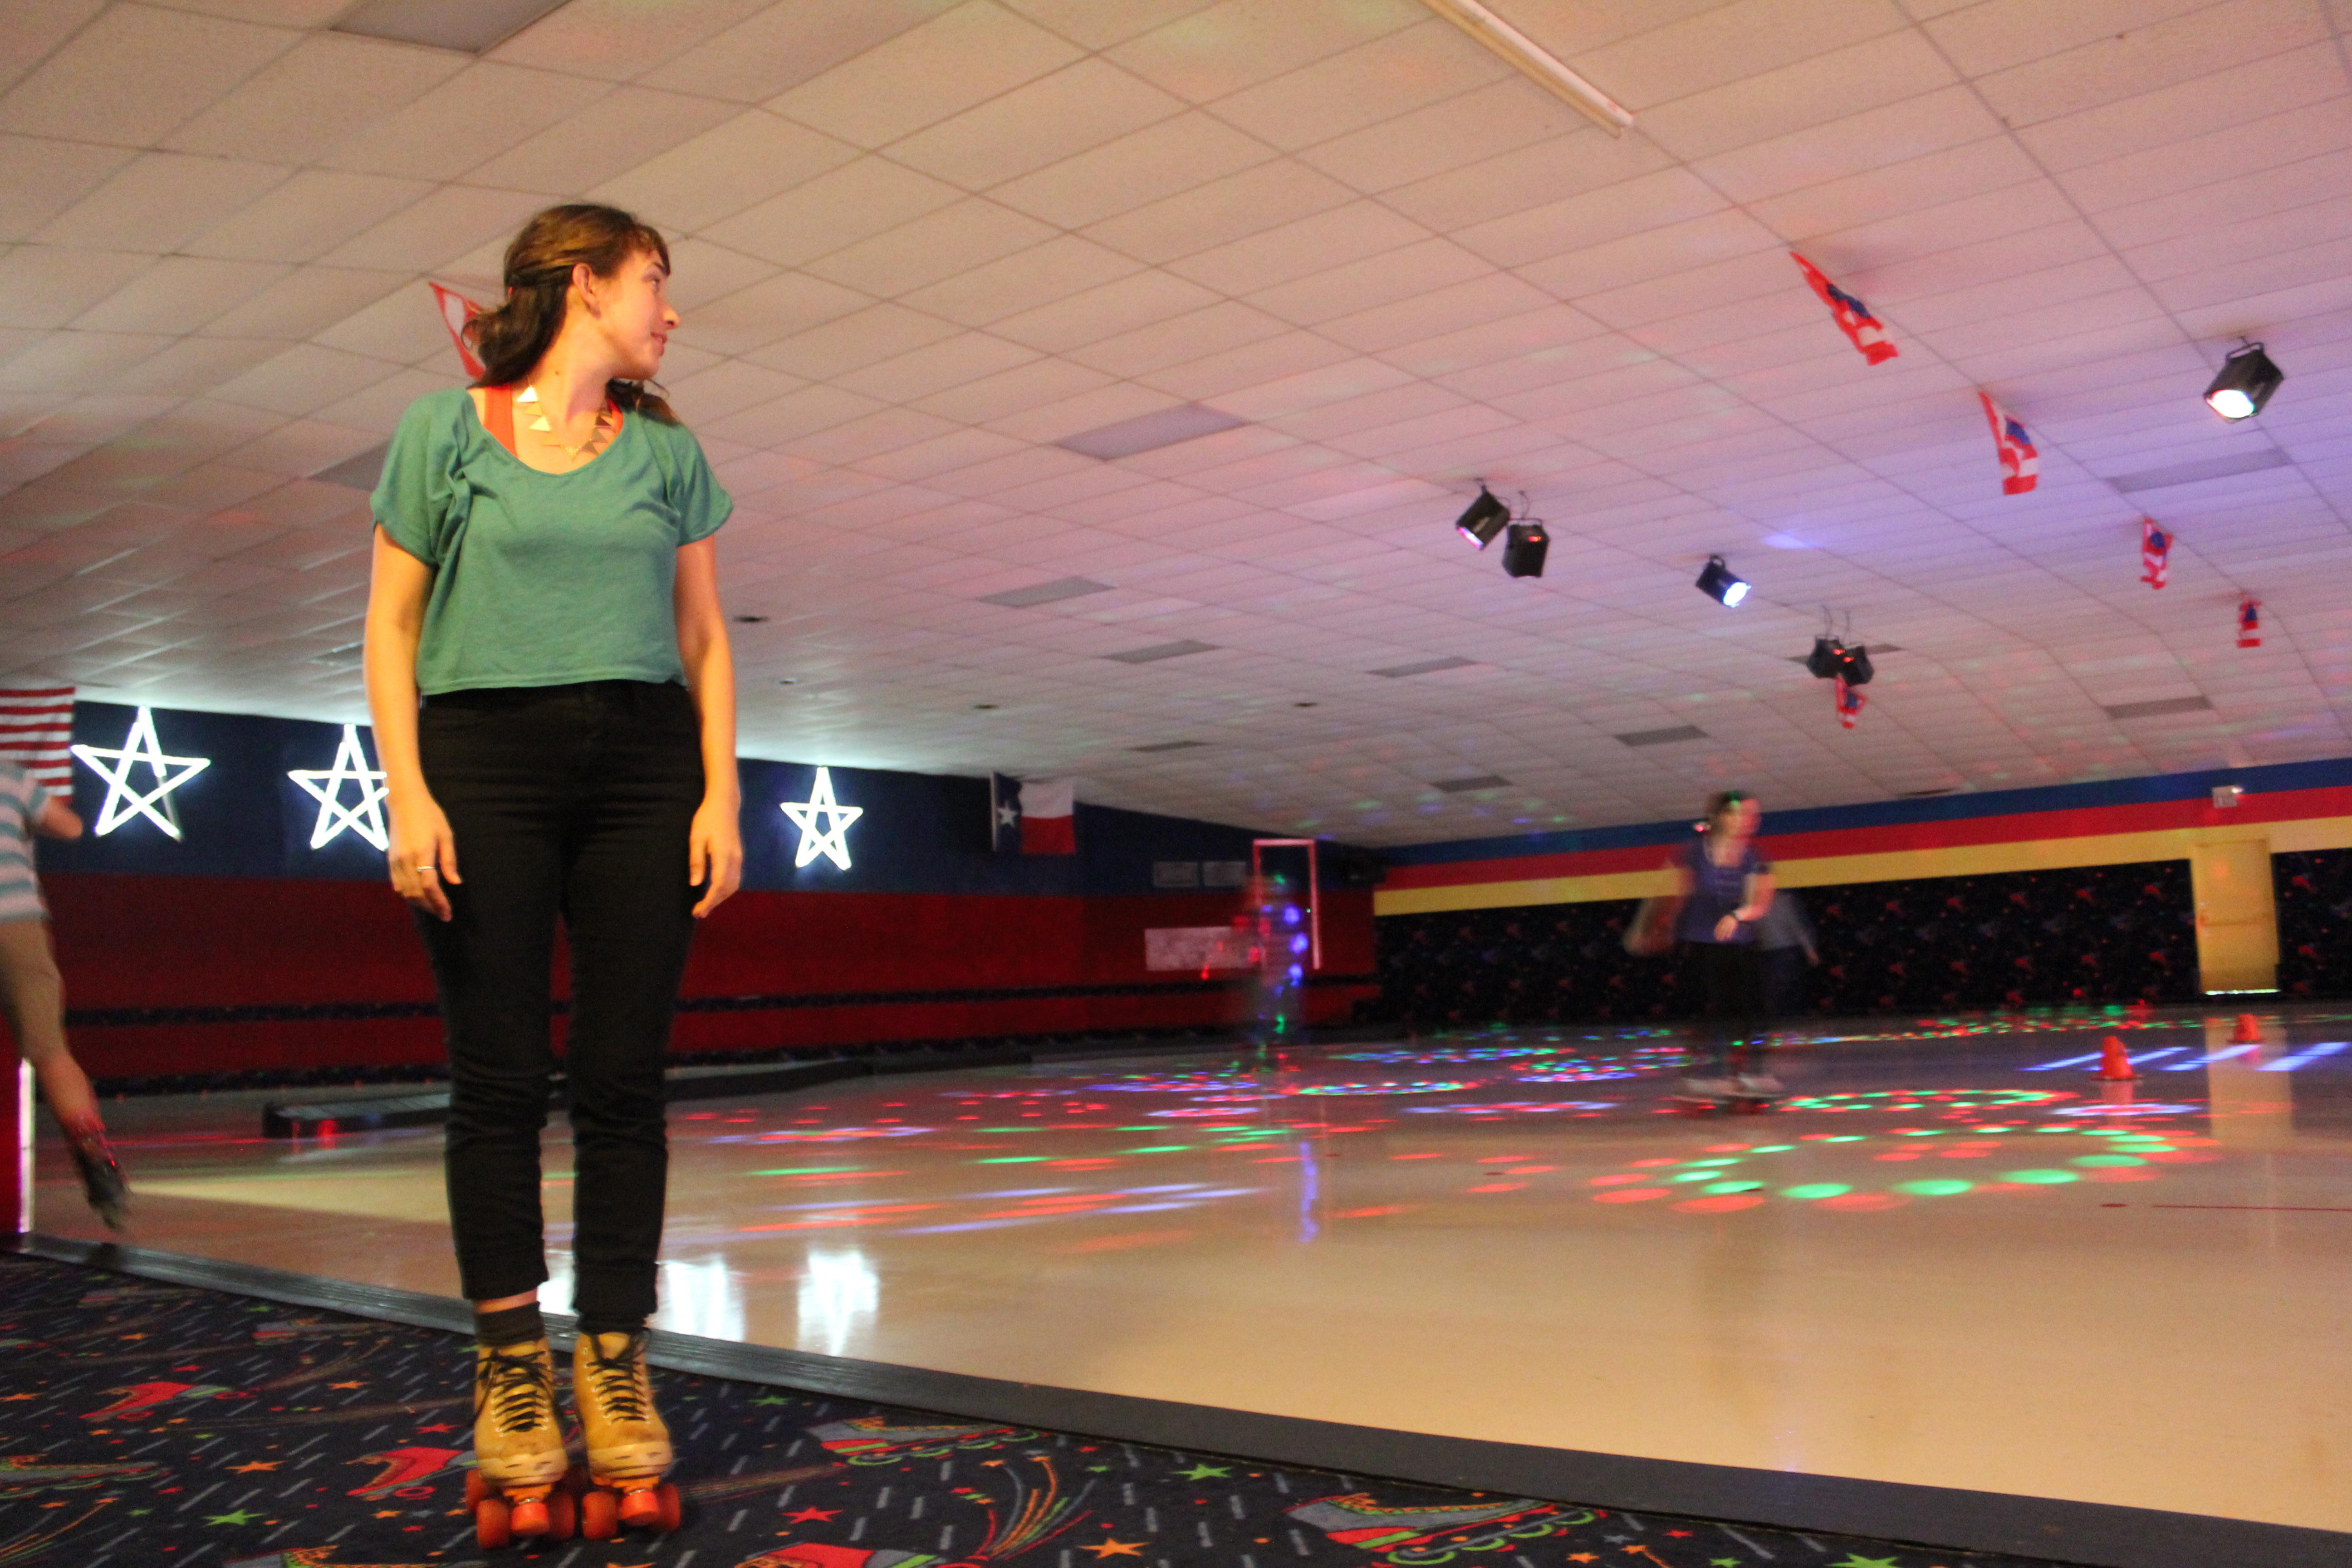 Roller skating houston - Img_6526